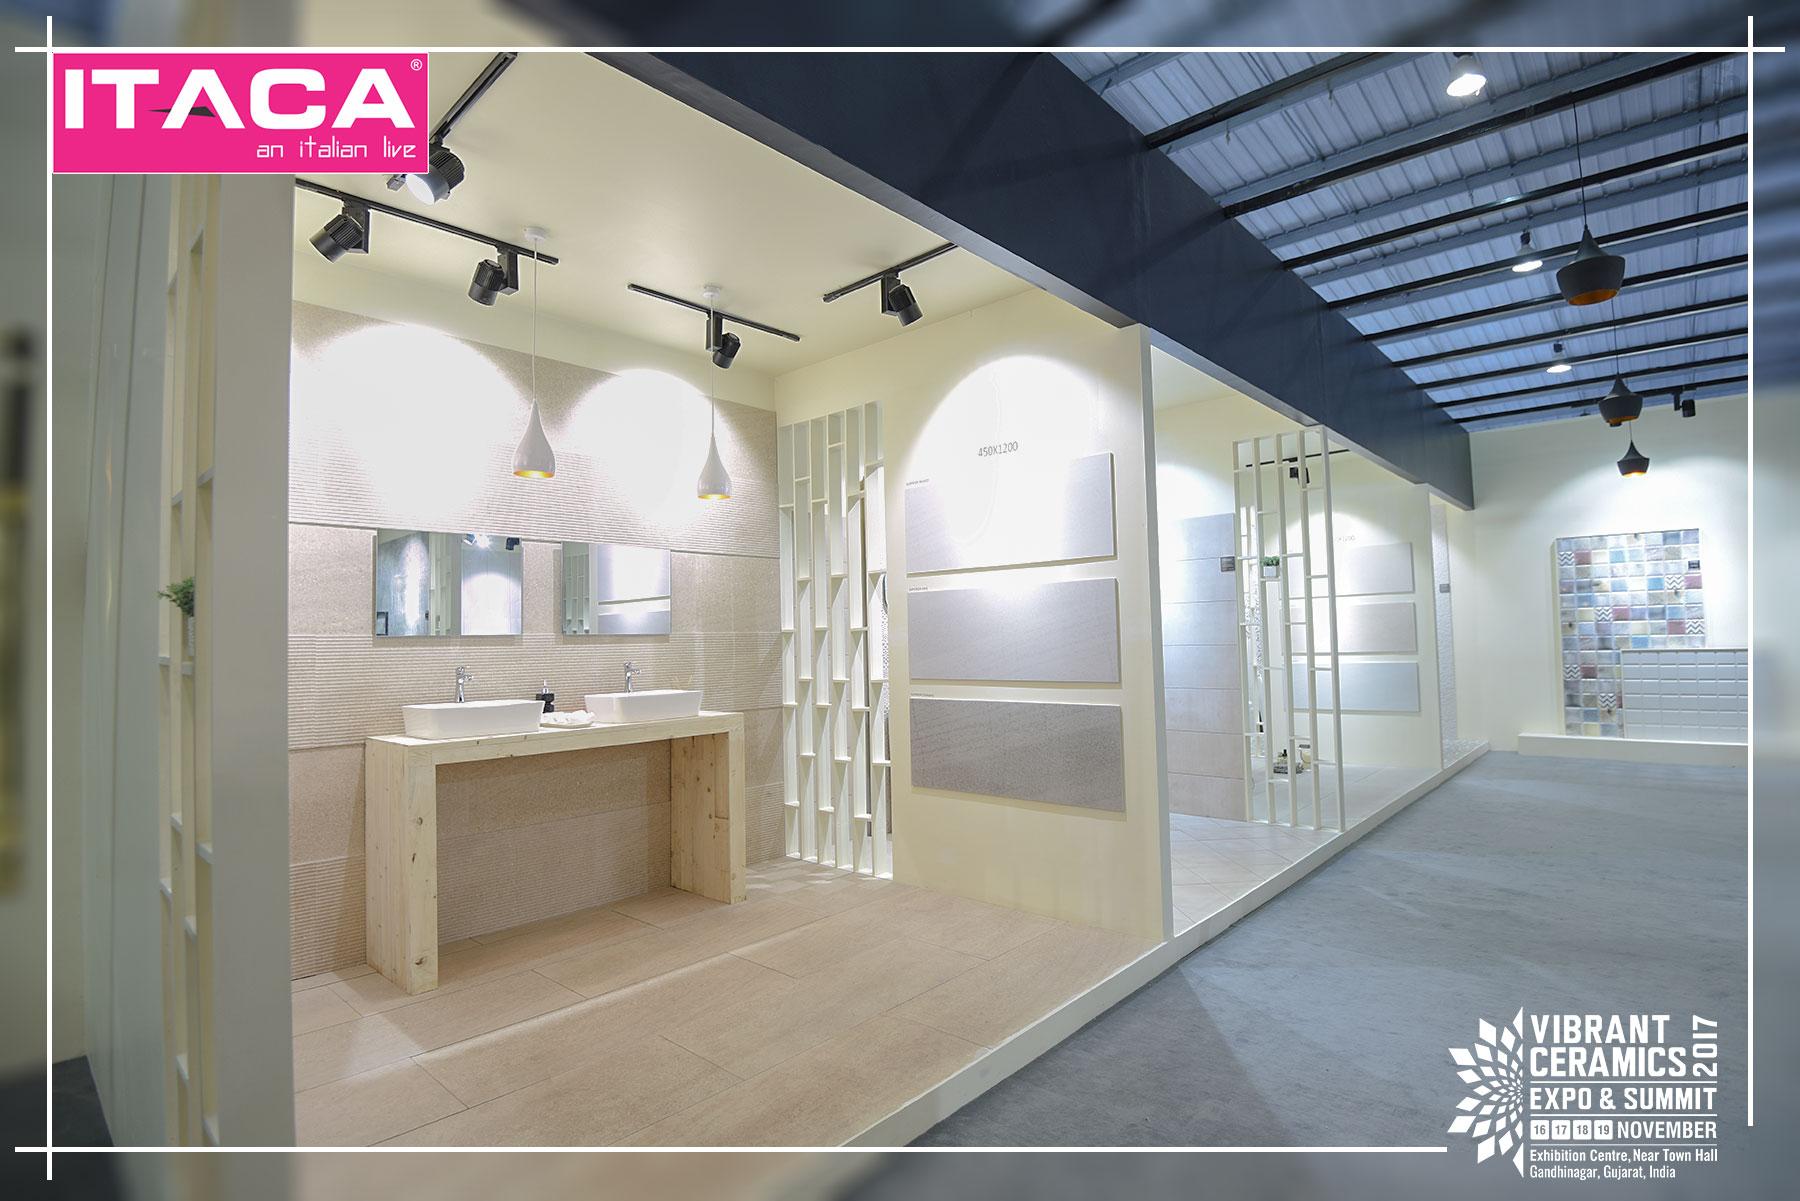 Bathroom & Kitchen Designer Digital Wall Tiles Manufacturer